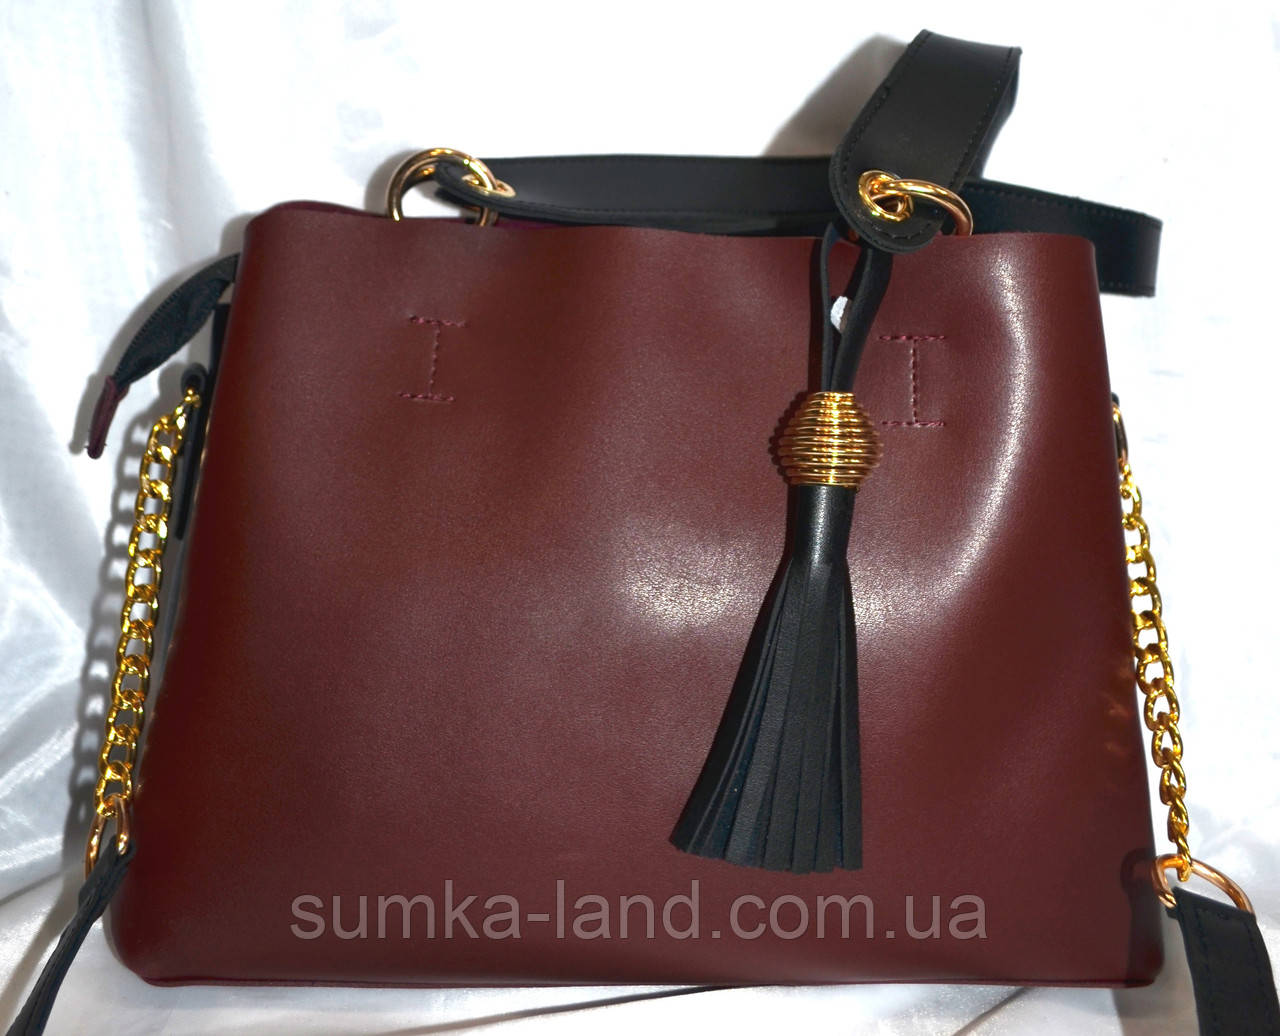 Женская бордовая сумка B Elit из эко-кожи 30*23 см